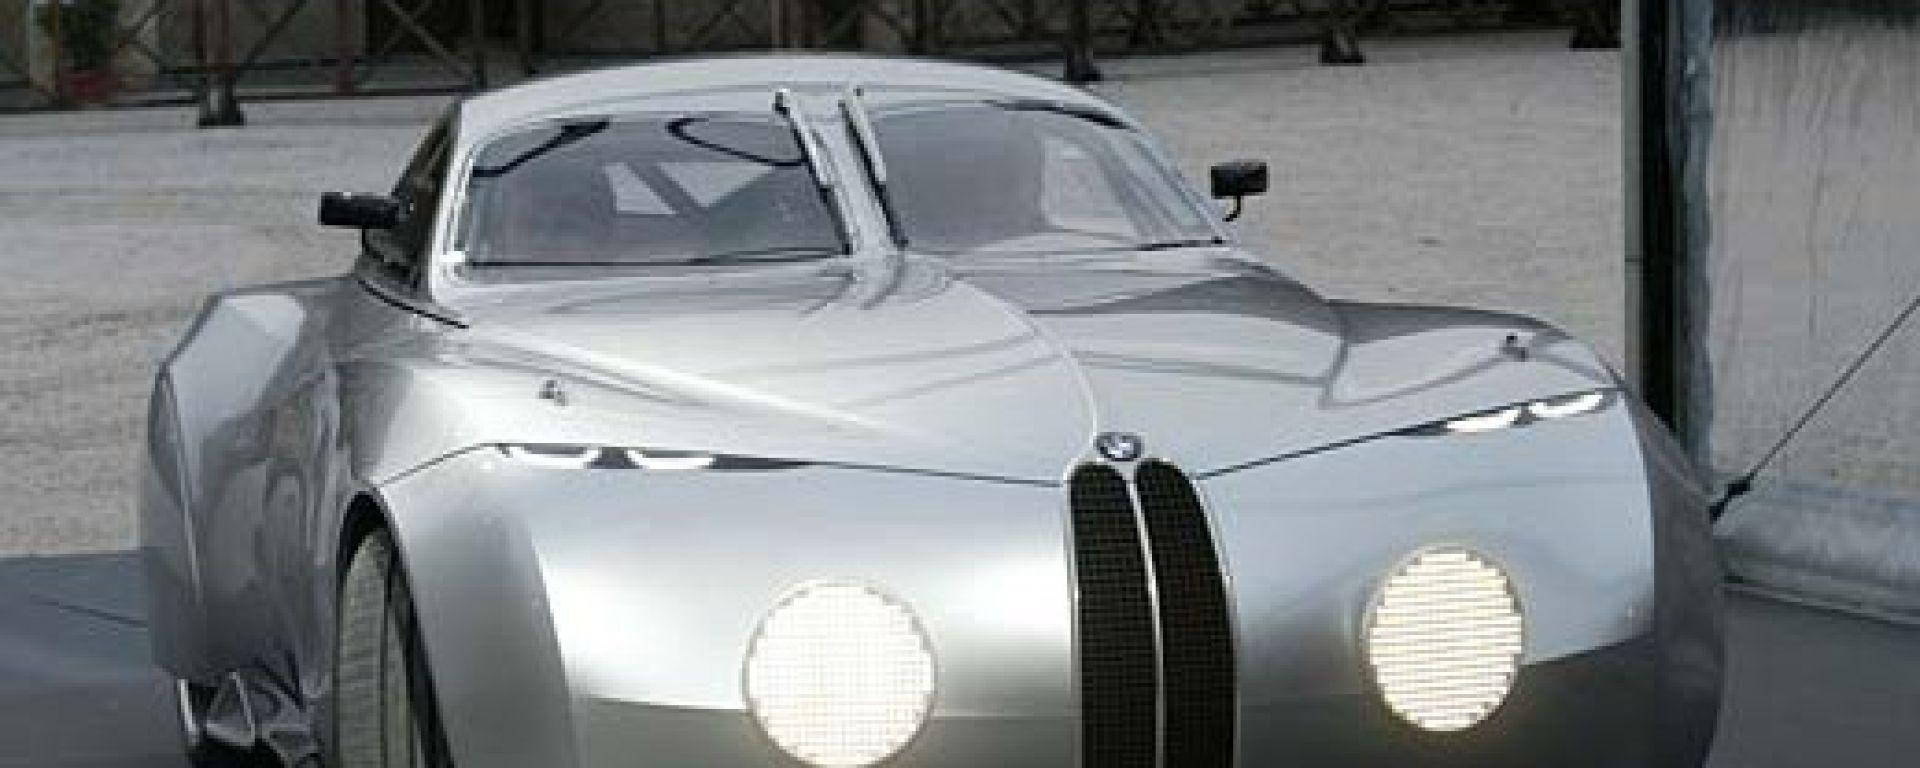 BMW Concept Coupé Mille Miglia 2006